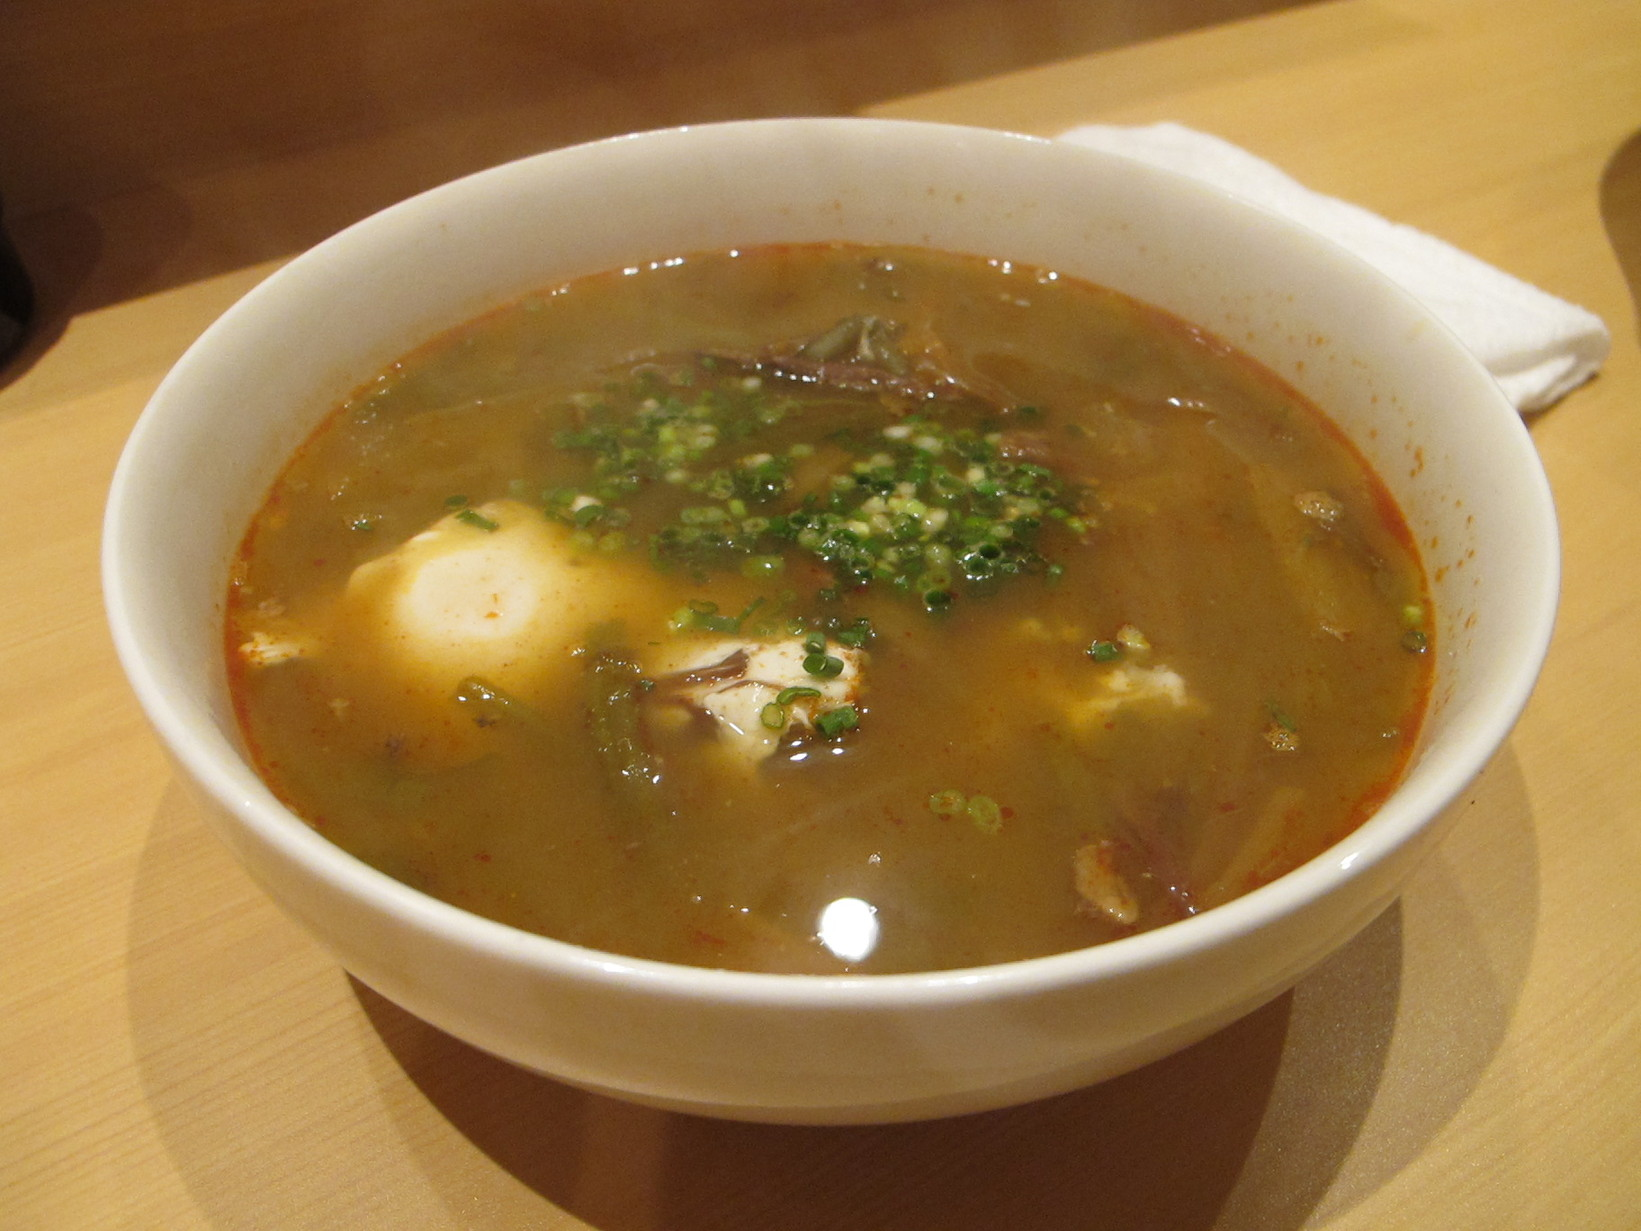 久留米市 花畑の中華料理 - gooグルメ&料理